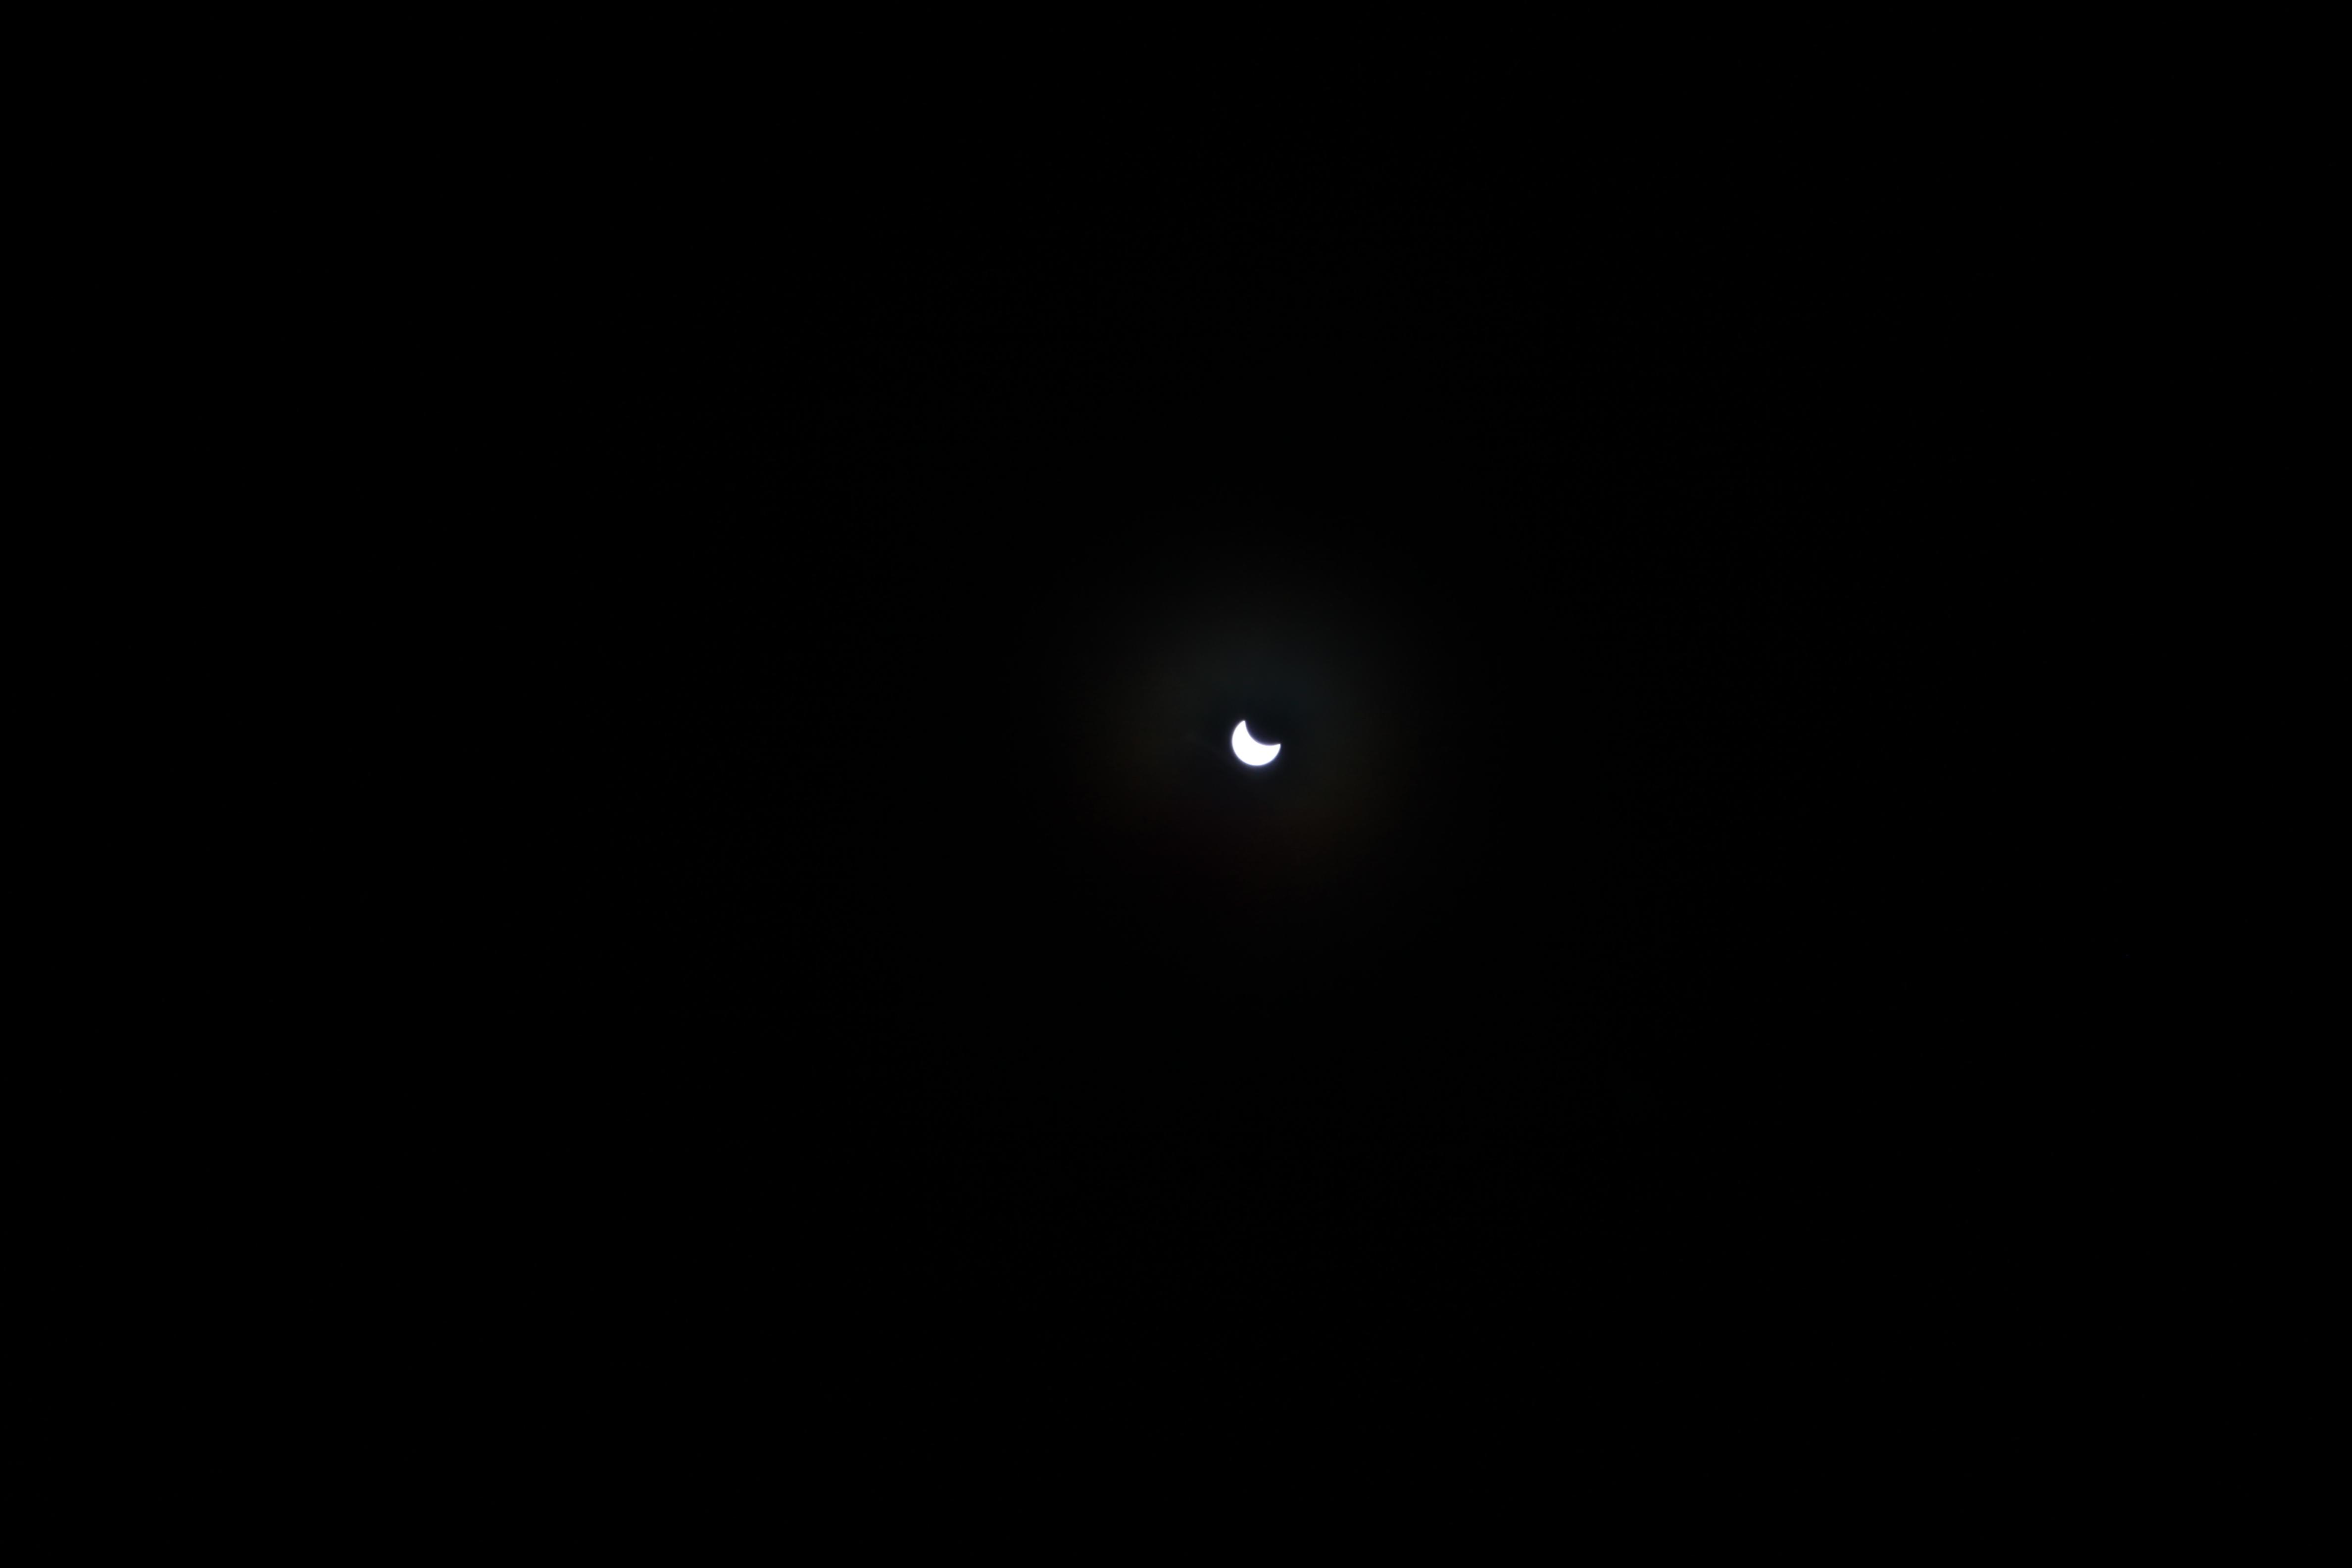 Делимично помрачење Сунца 20. марта 2015